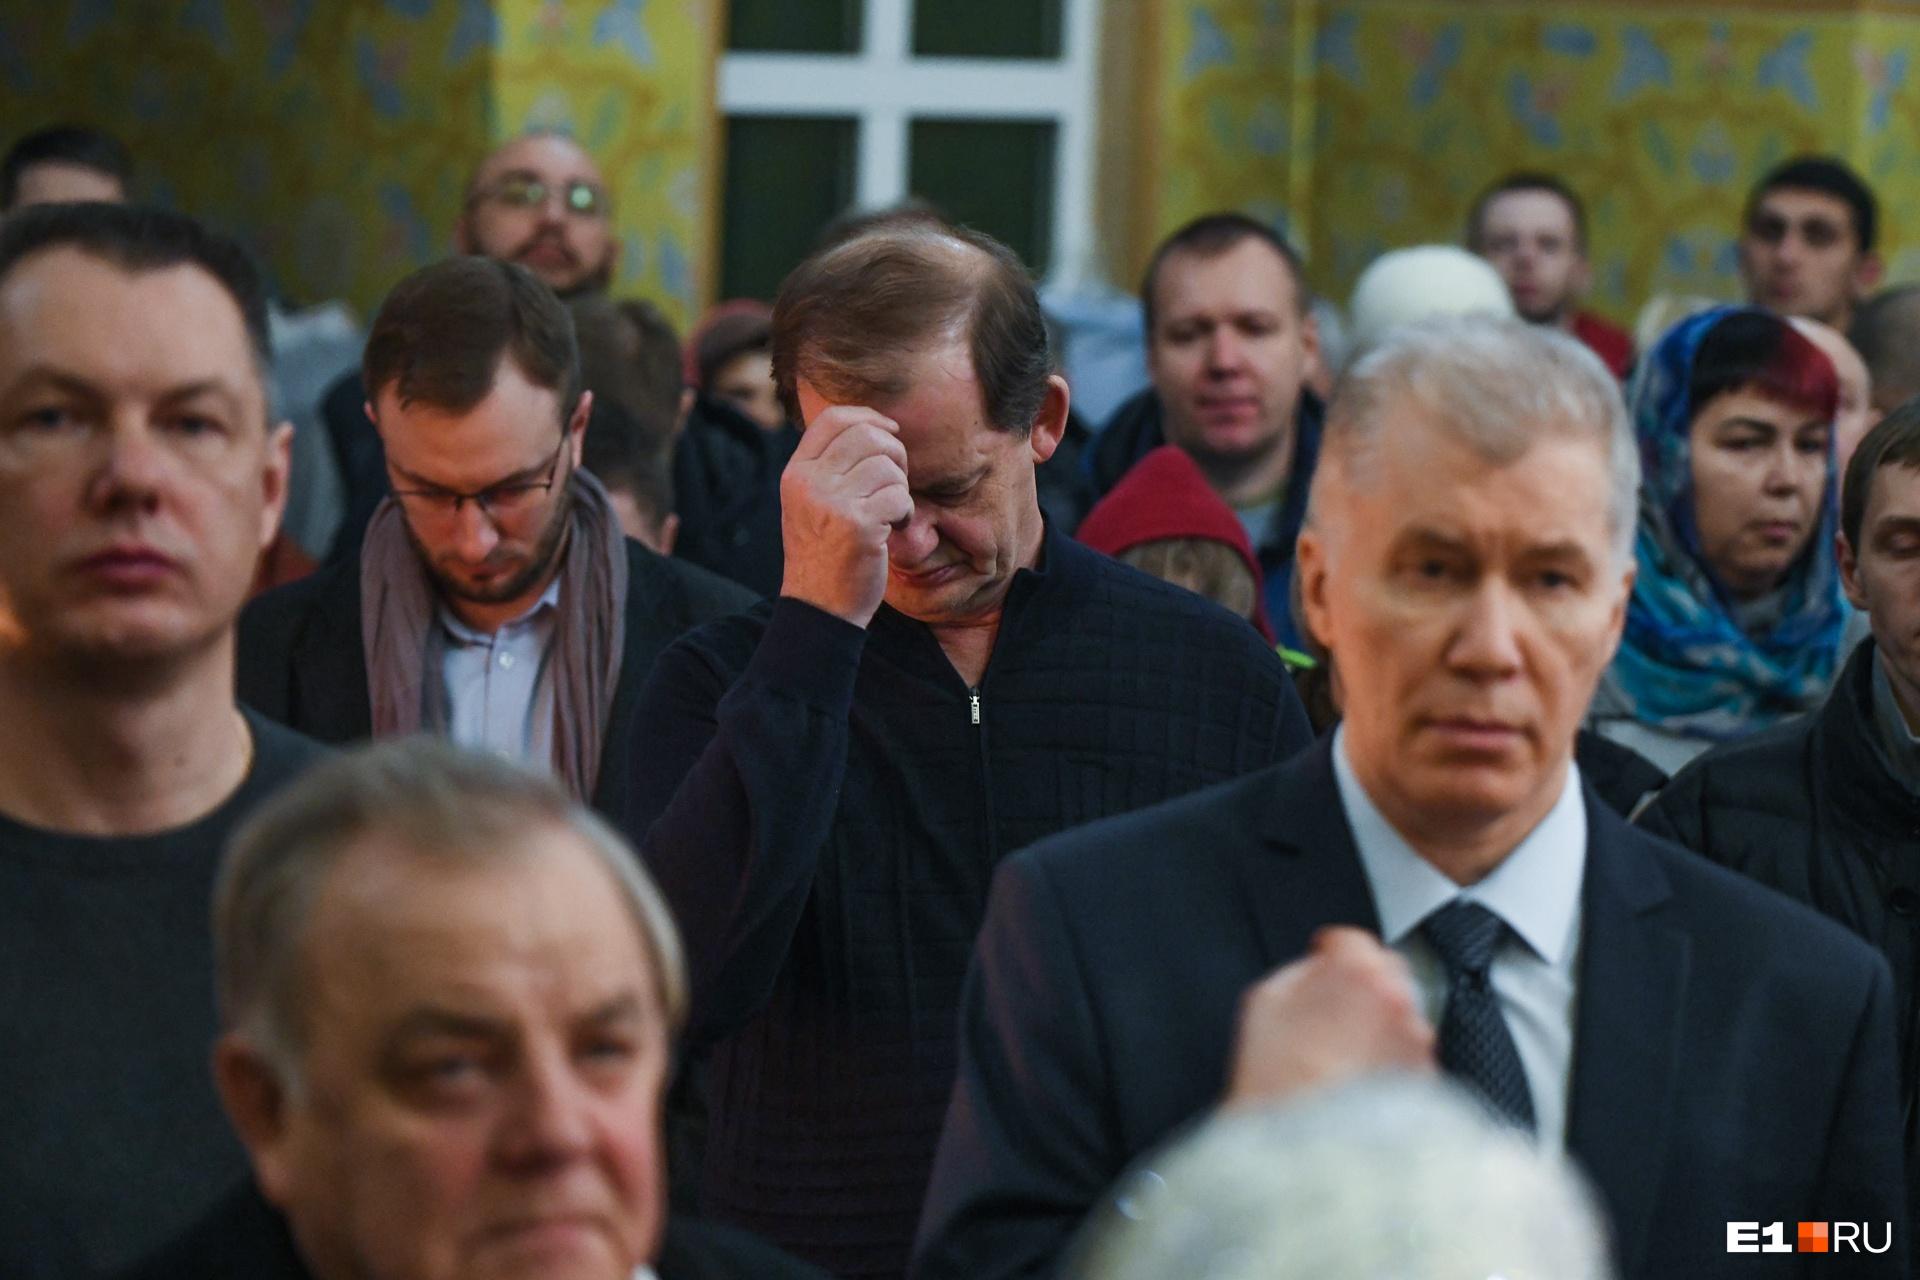 Постоянный гость праздничных богослужений в Свято-Троицком соборе — основатель и владелец ГК «Сима-ленд» Андрей Симановский (в центре)